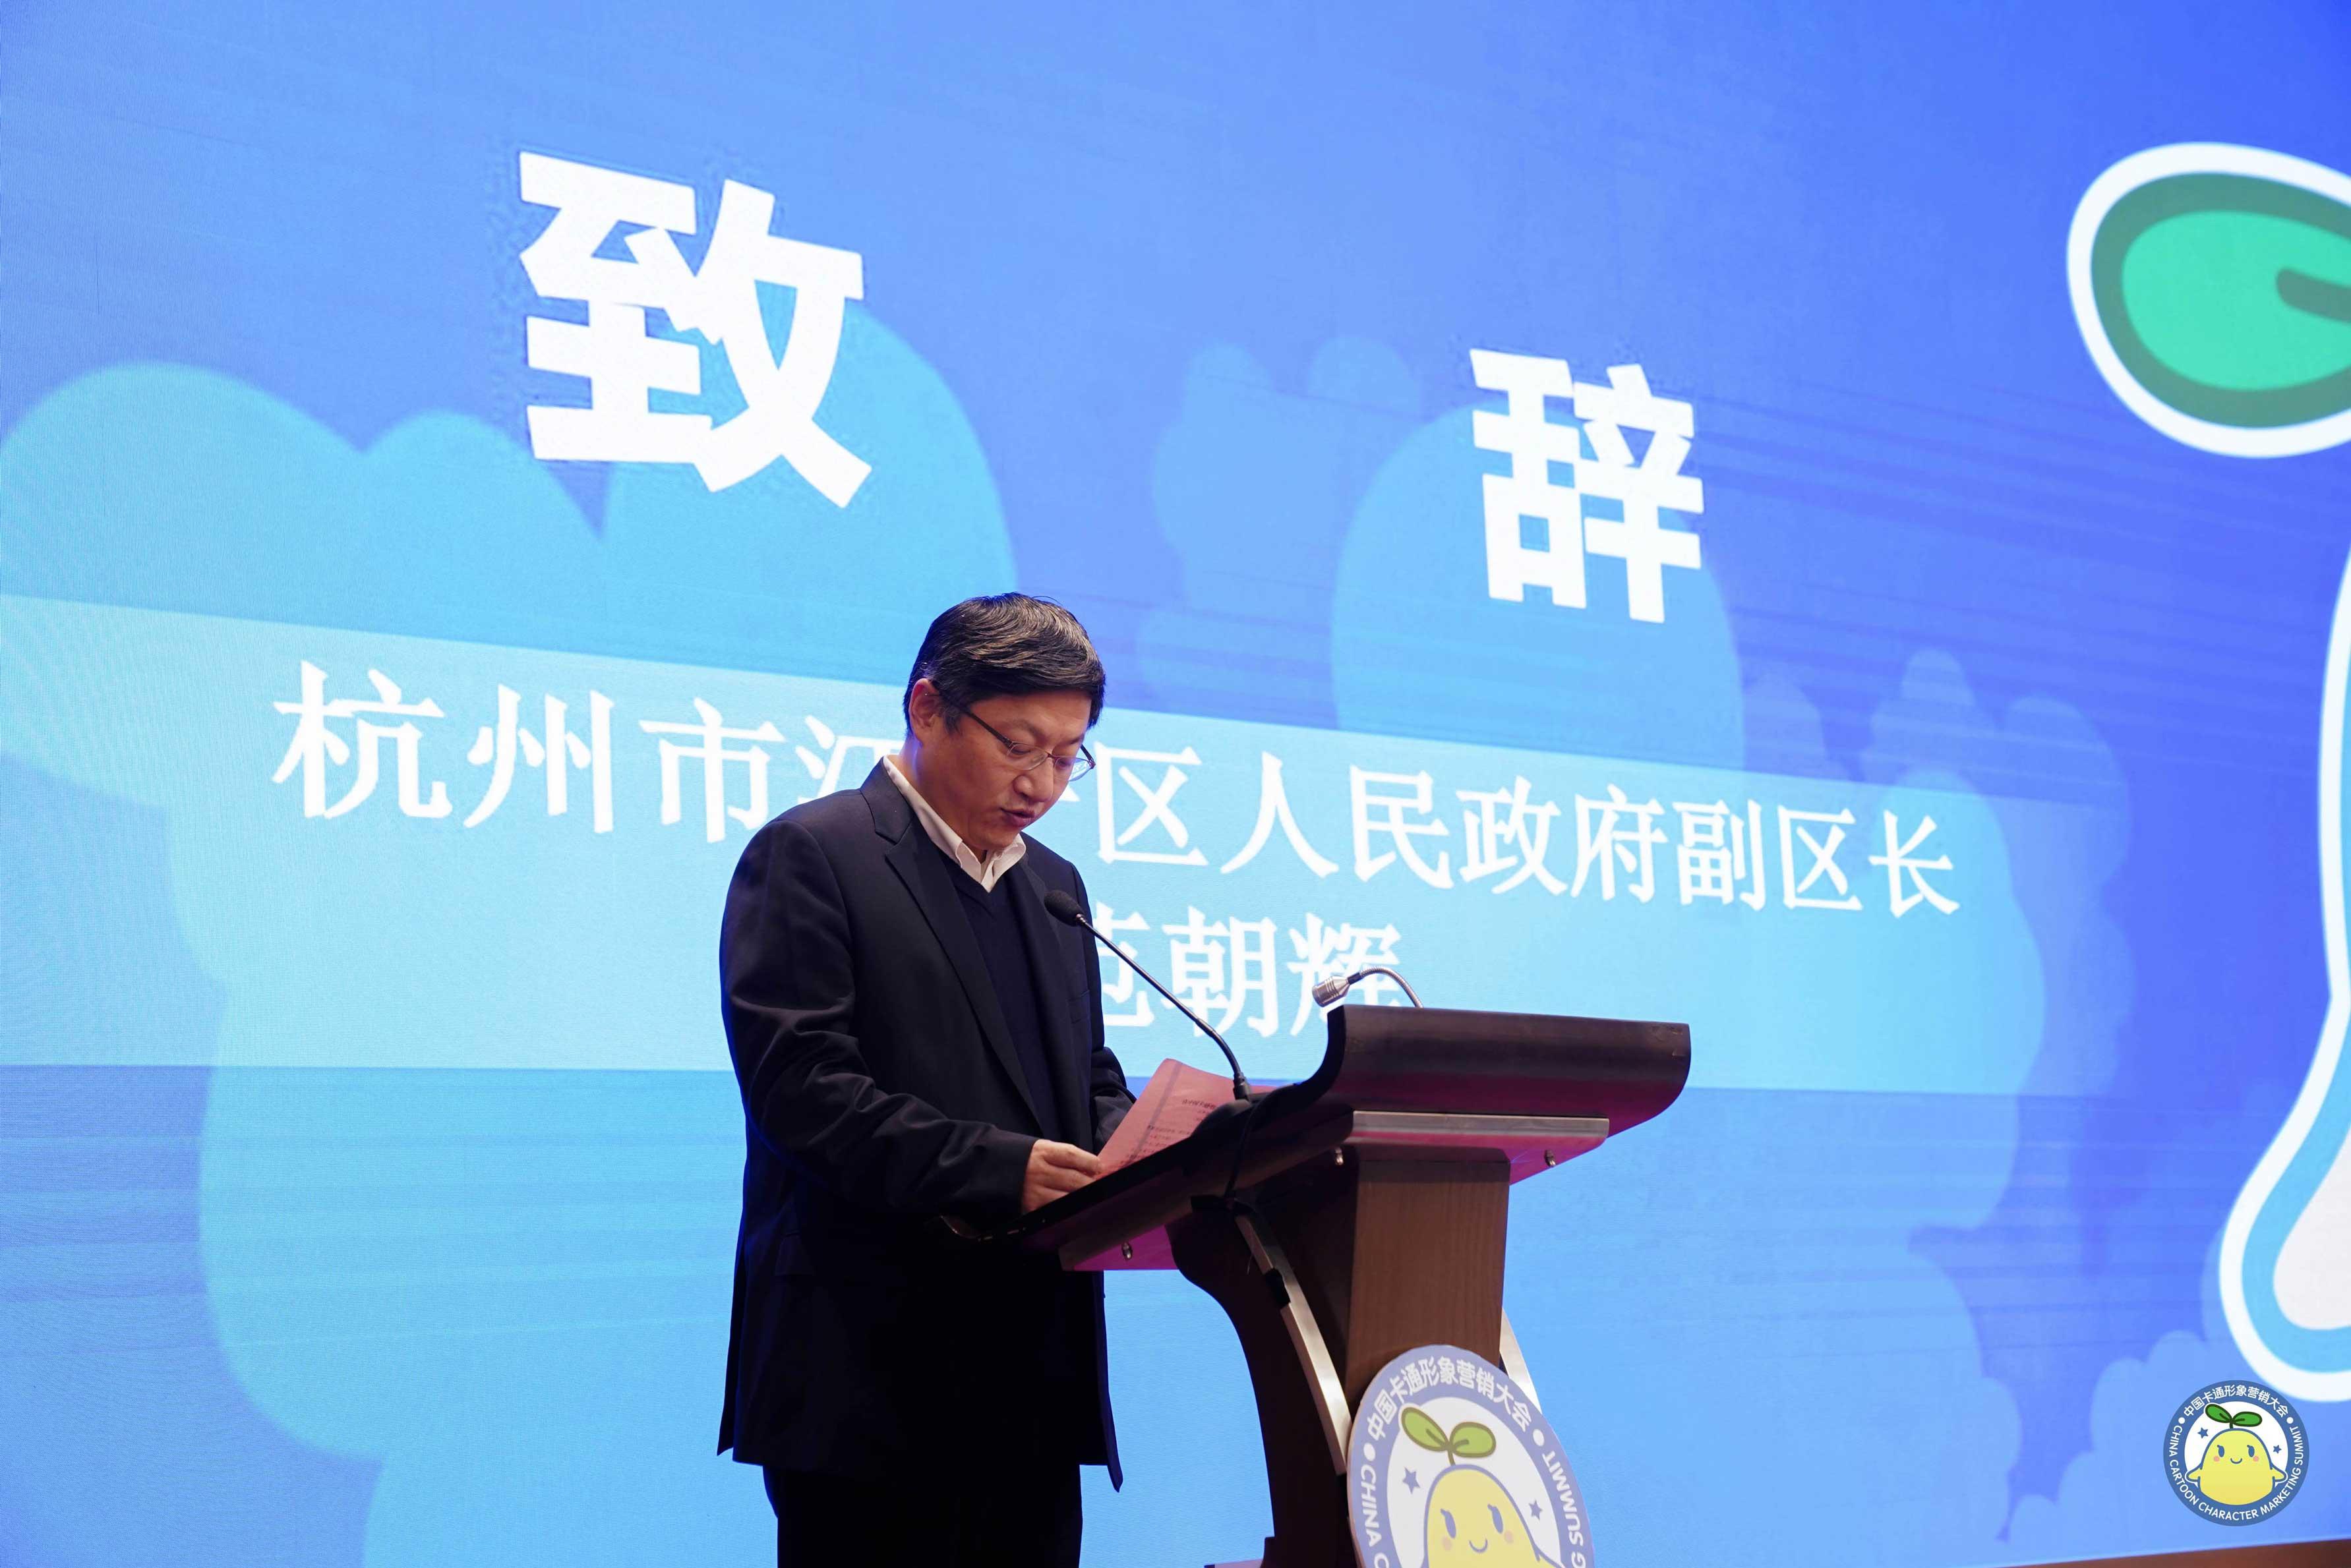 动漫拉动消费升级,2020中国卡通形象营销大会举办 业内 第4张